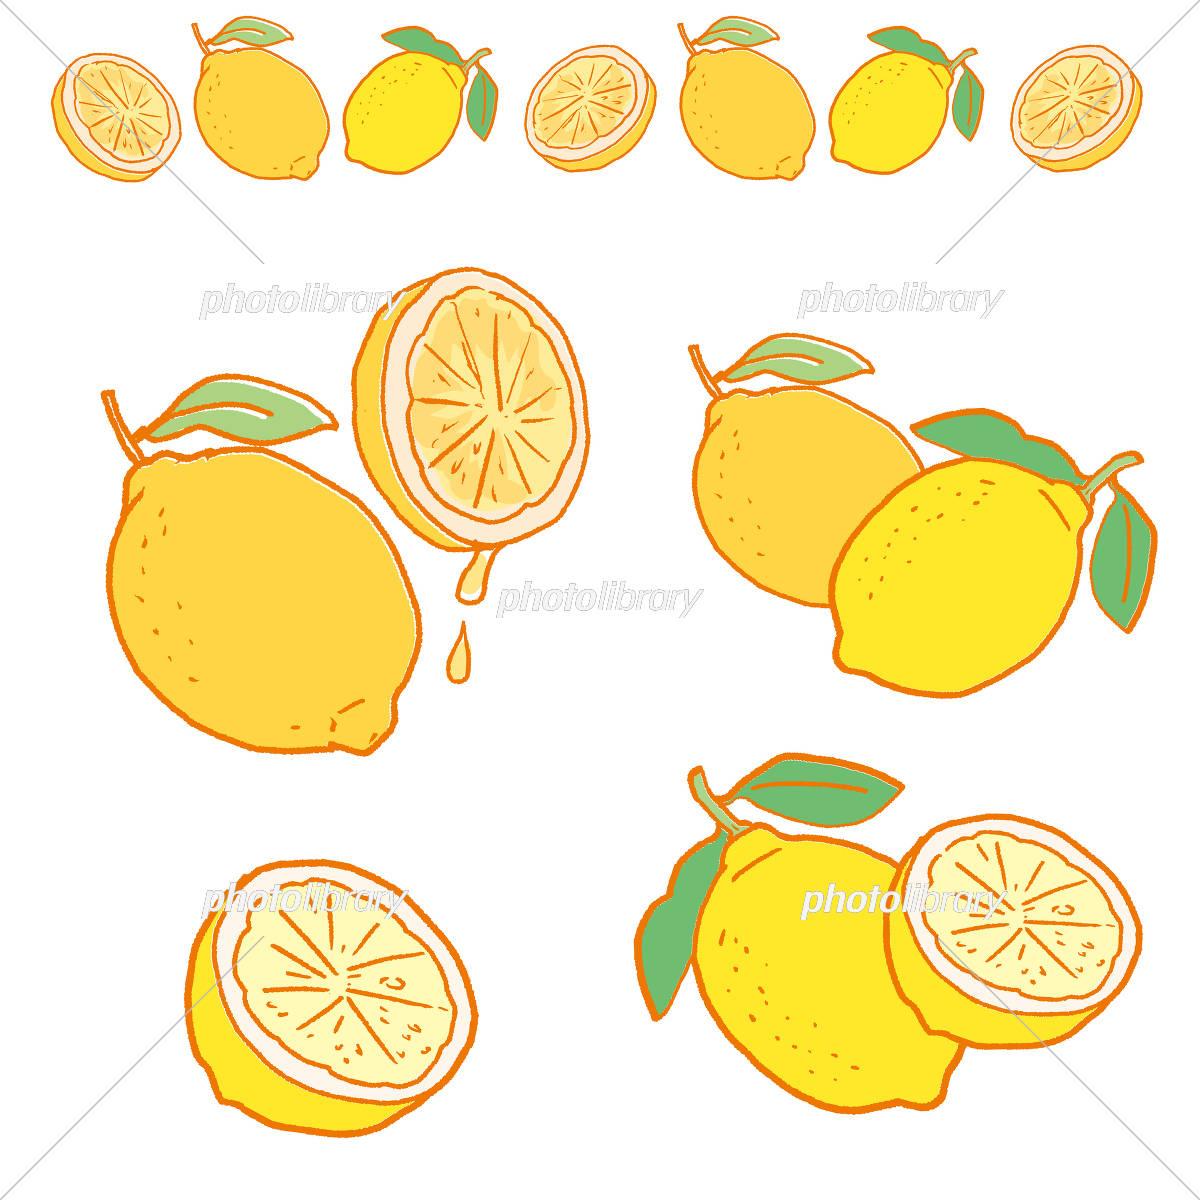 レモン イラスト イラスト素材 5191103 フォトライブラリー